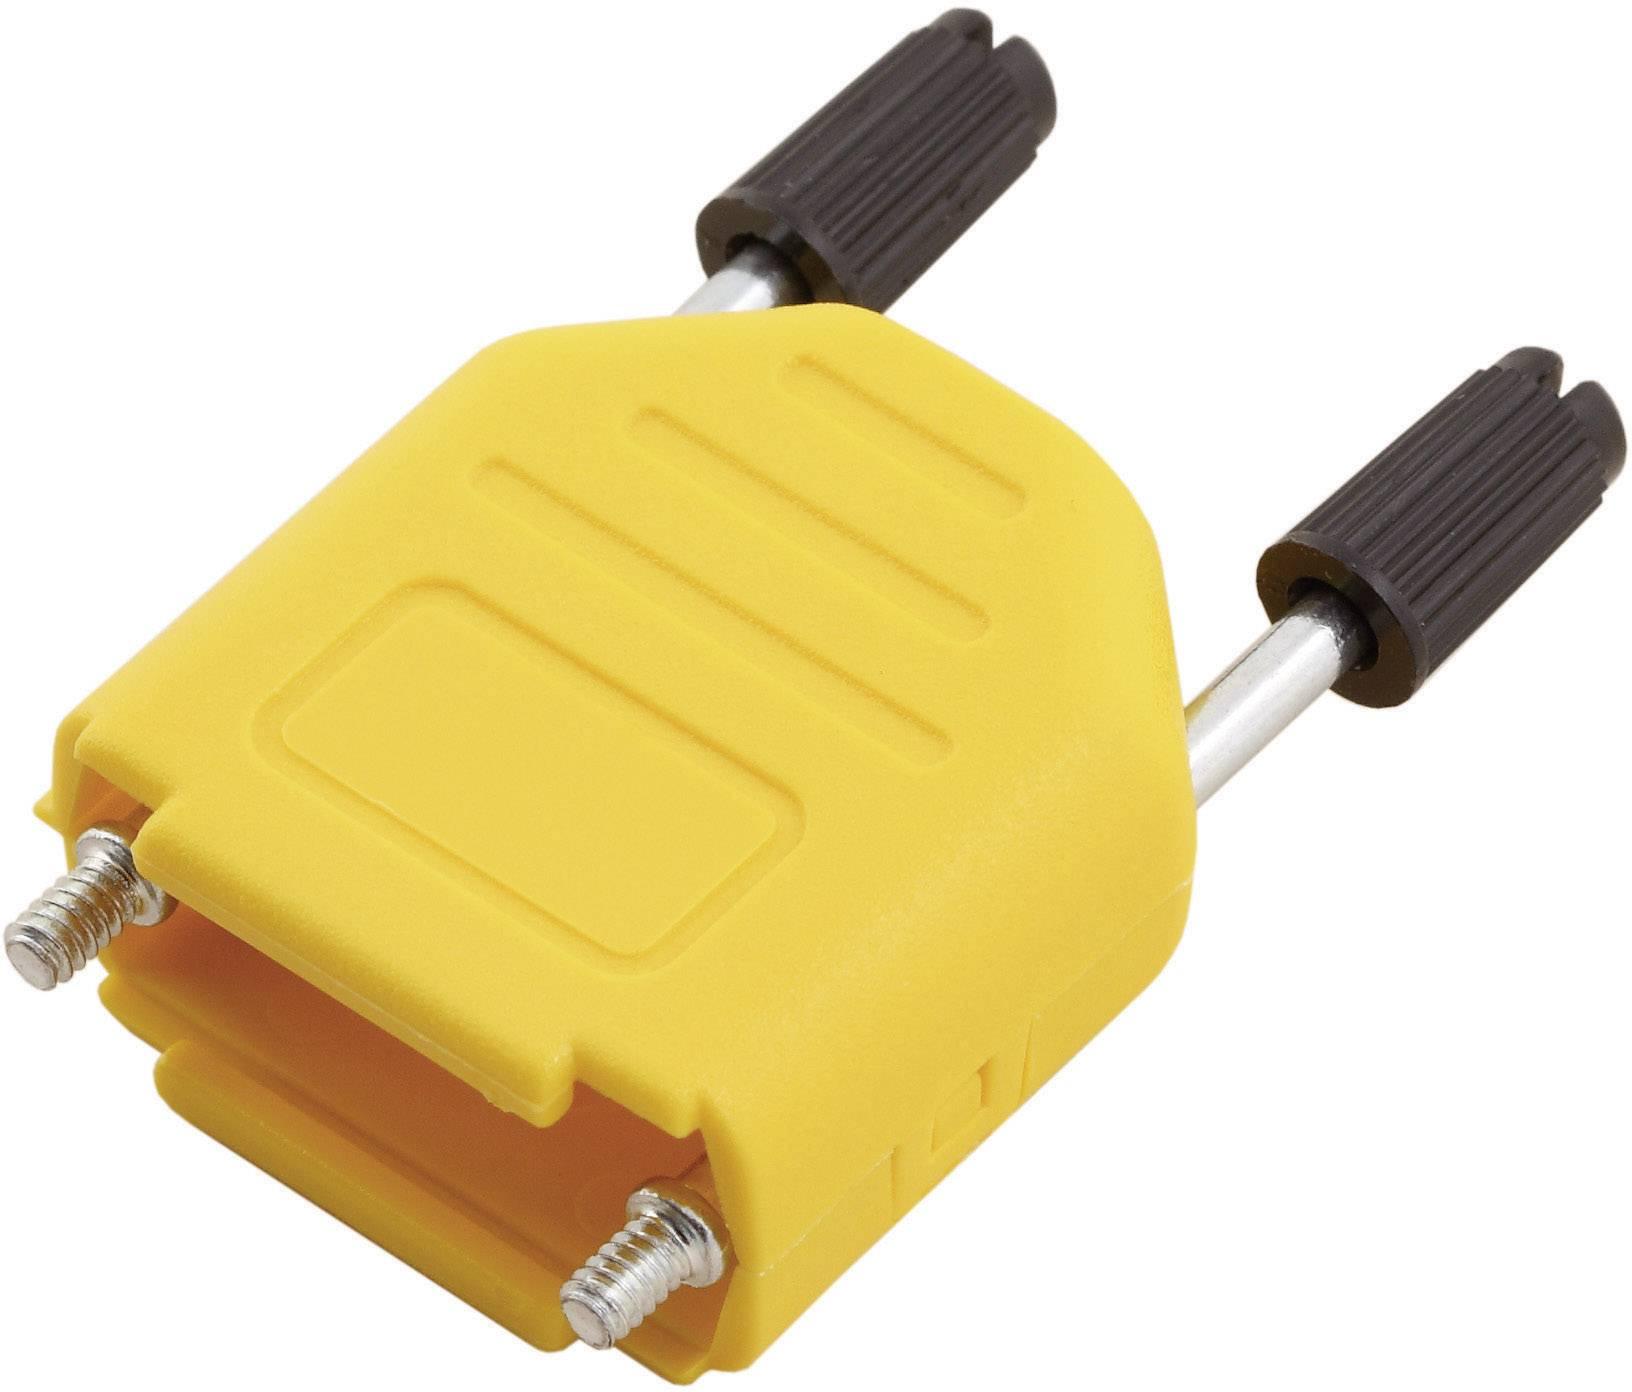 D-SUB pouzdro MH Connectors MHDPPK15-Y-K, Pólů: 15, plast, 180 °, žlutá, 1 ks